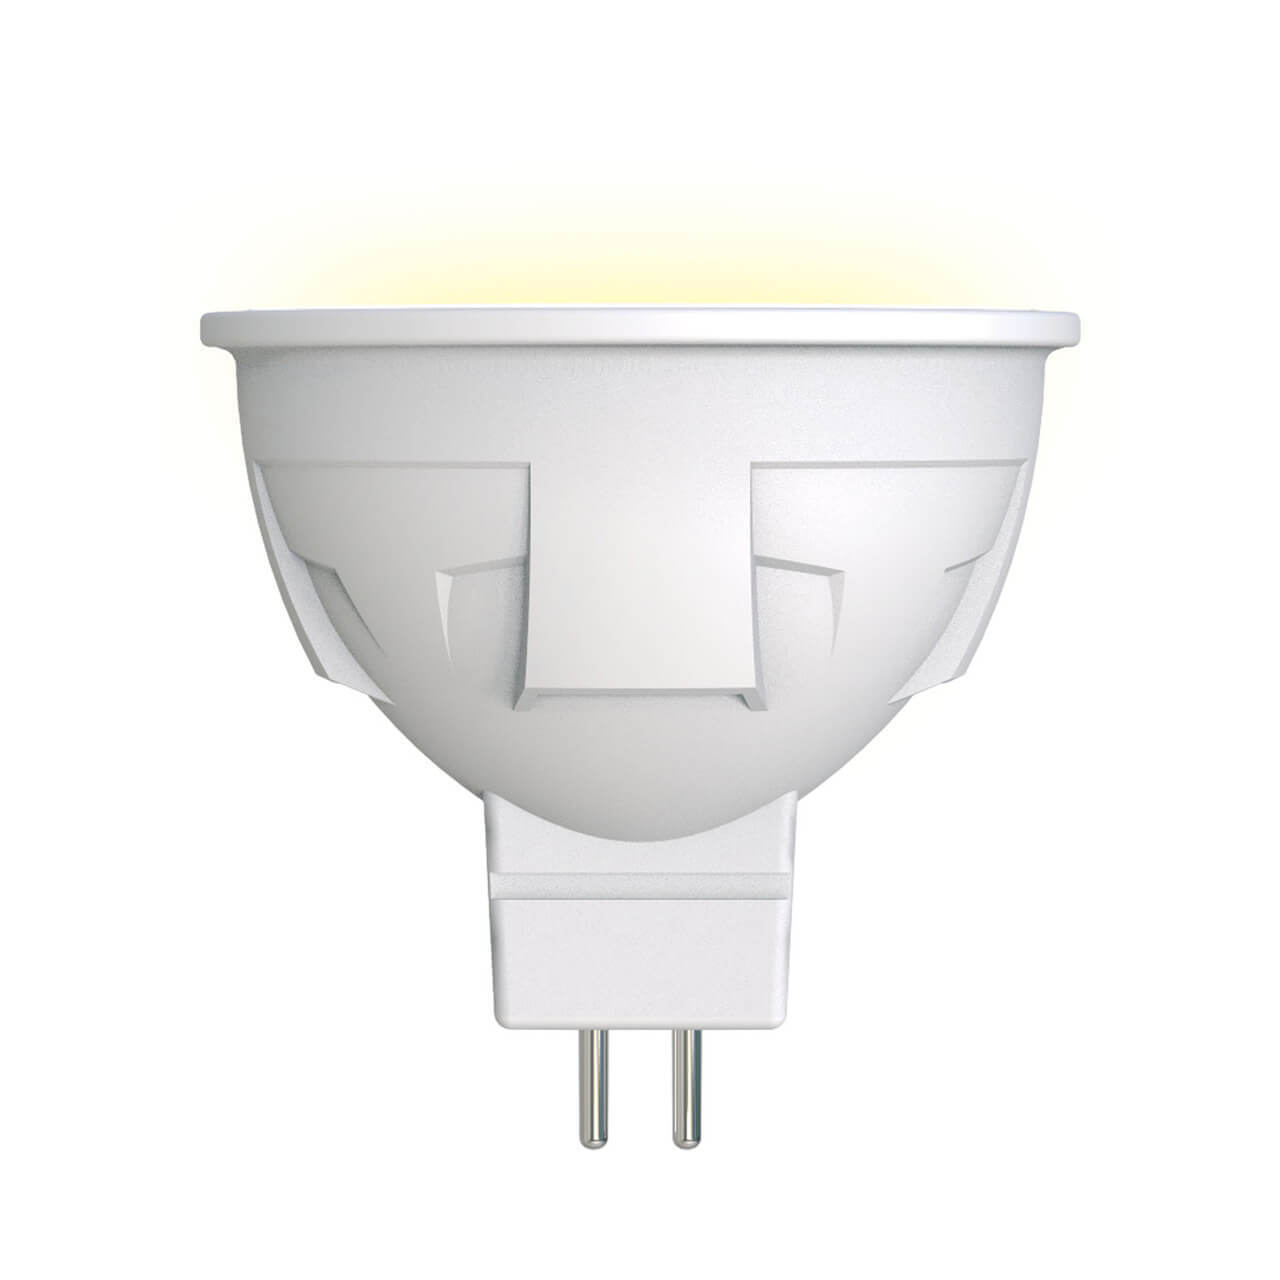 Лампа светодиодная (UL-00002424) Uniel GU5.3 6W 3000K матовая LED-JCDR 6W/WW/GU5.3/FR PLP01WH